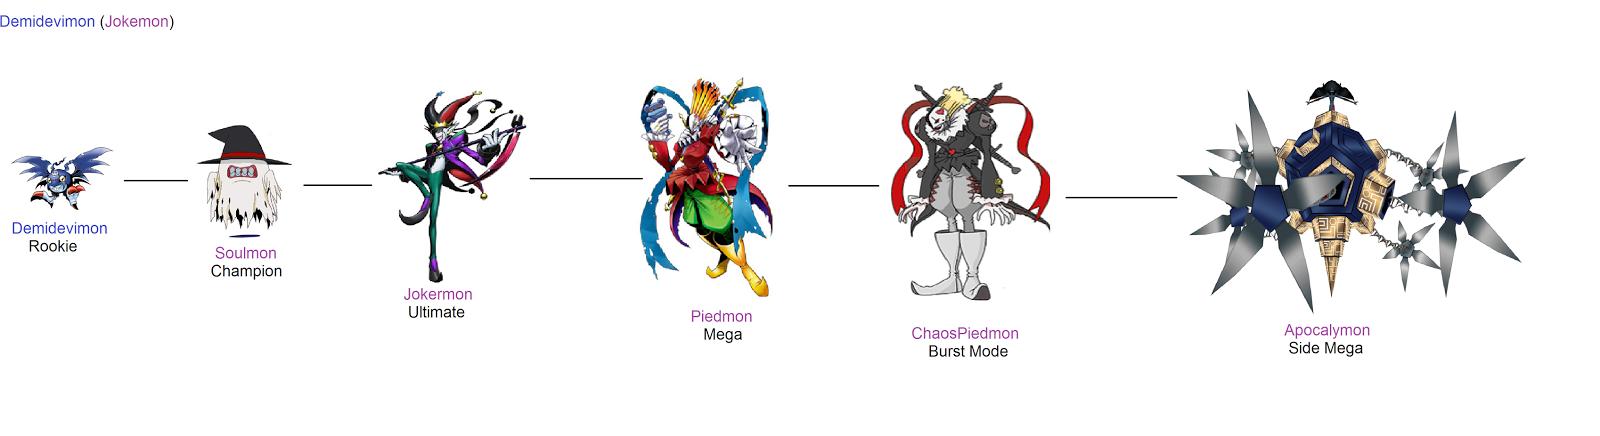 Demidevimon Evolution Line